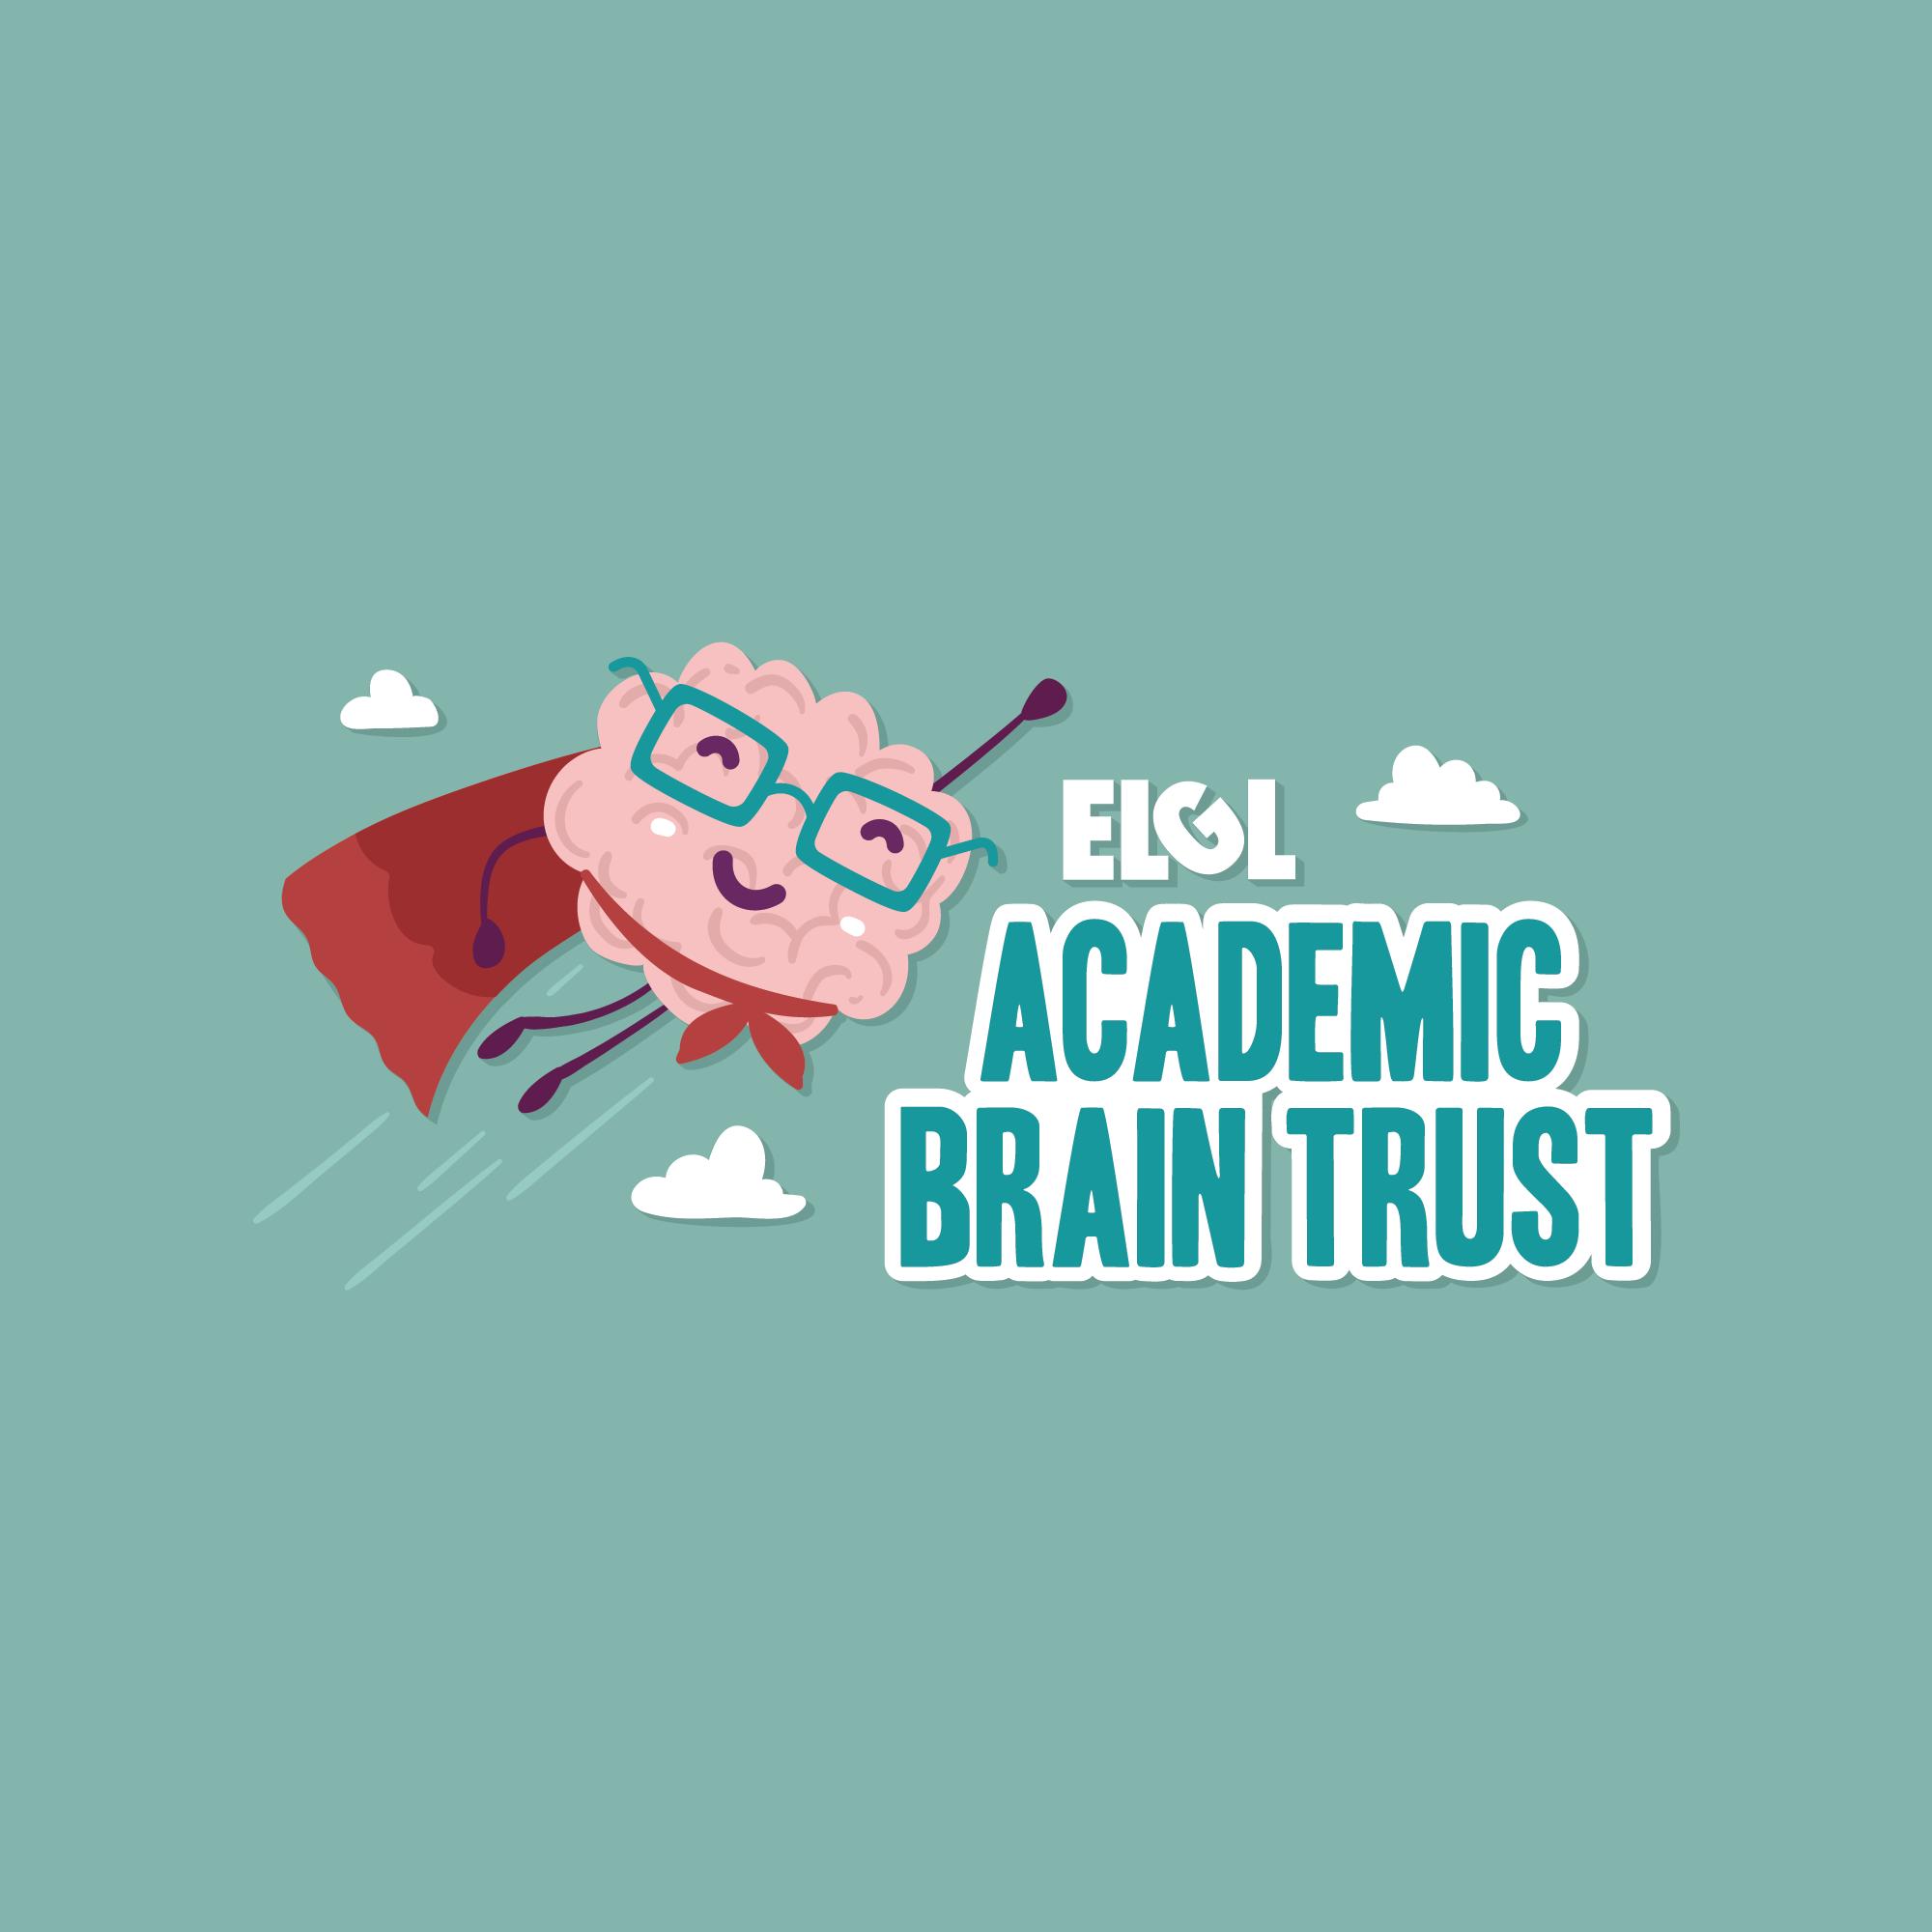 academic brain trust